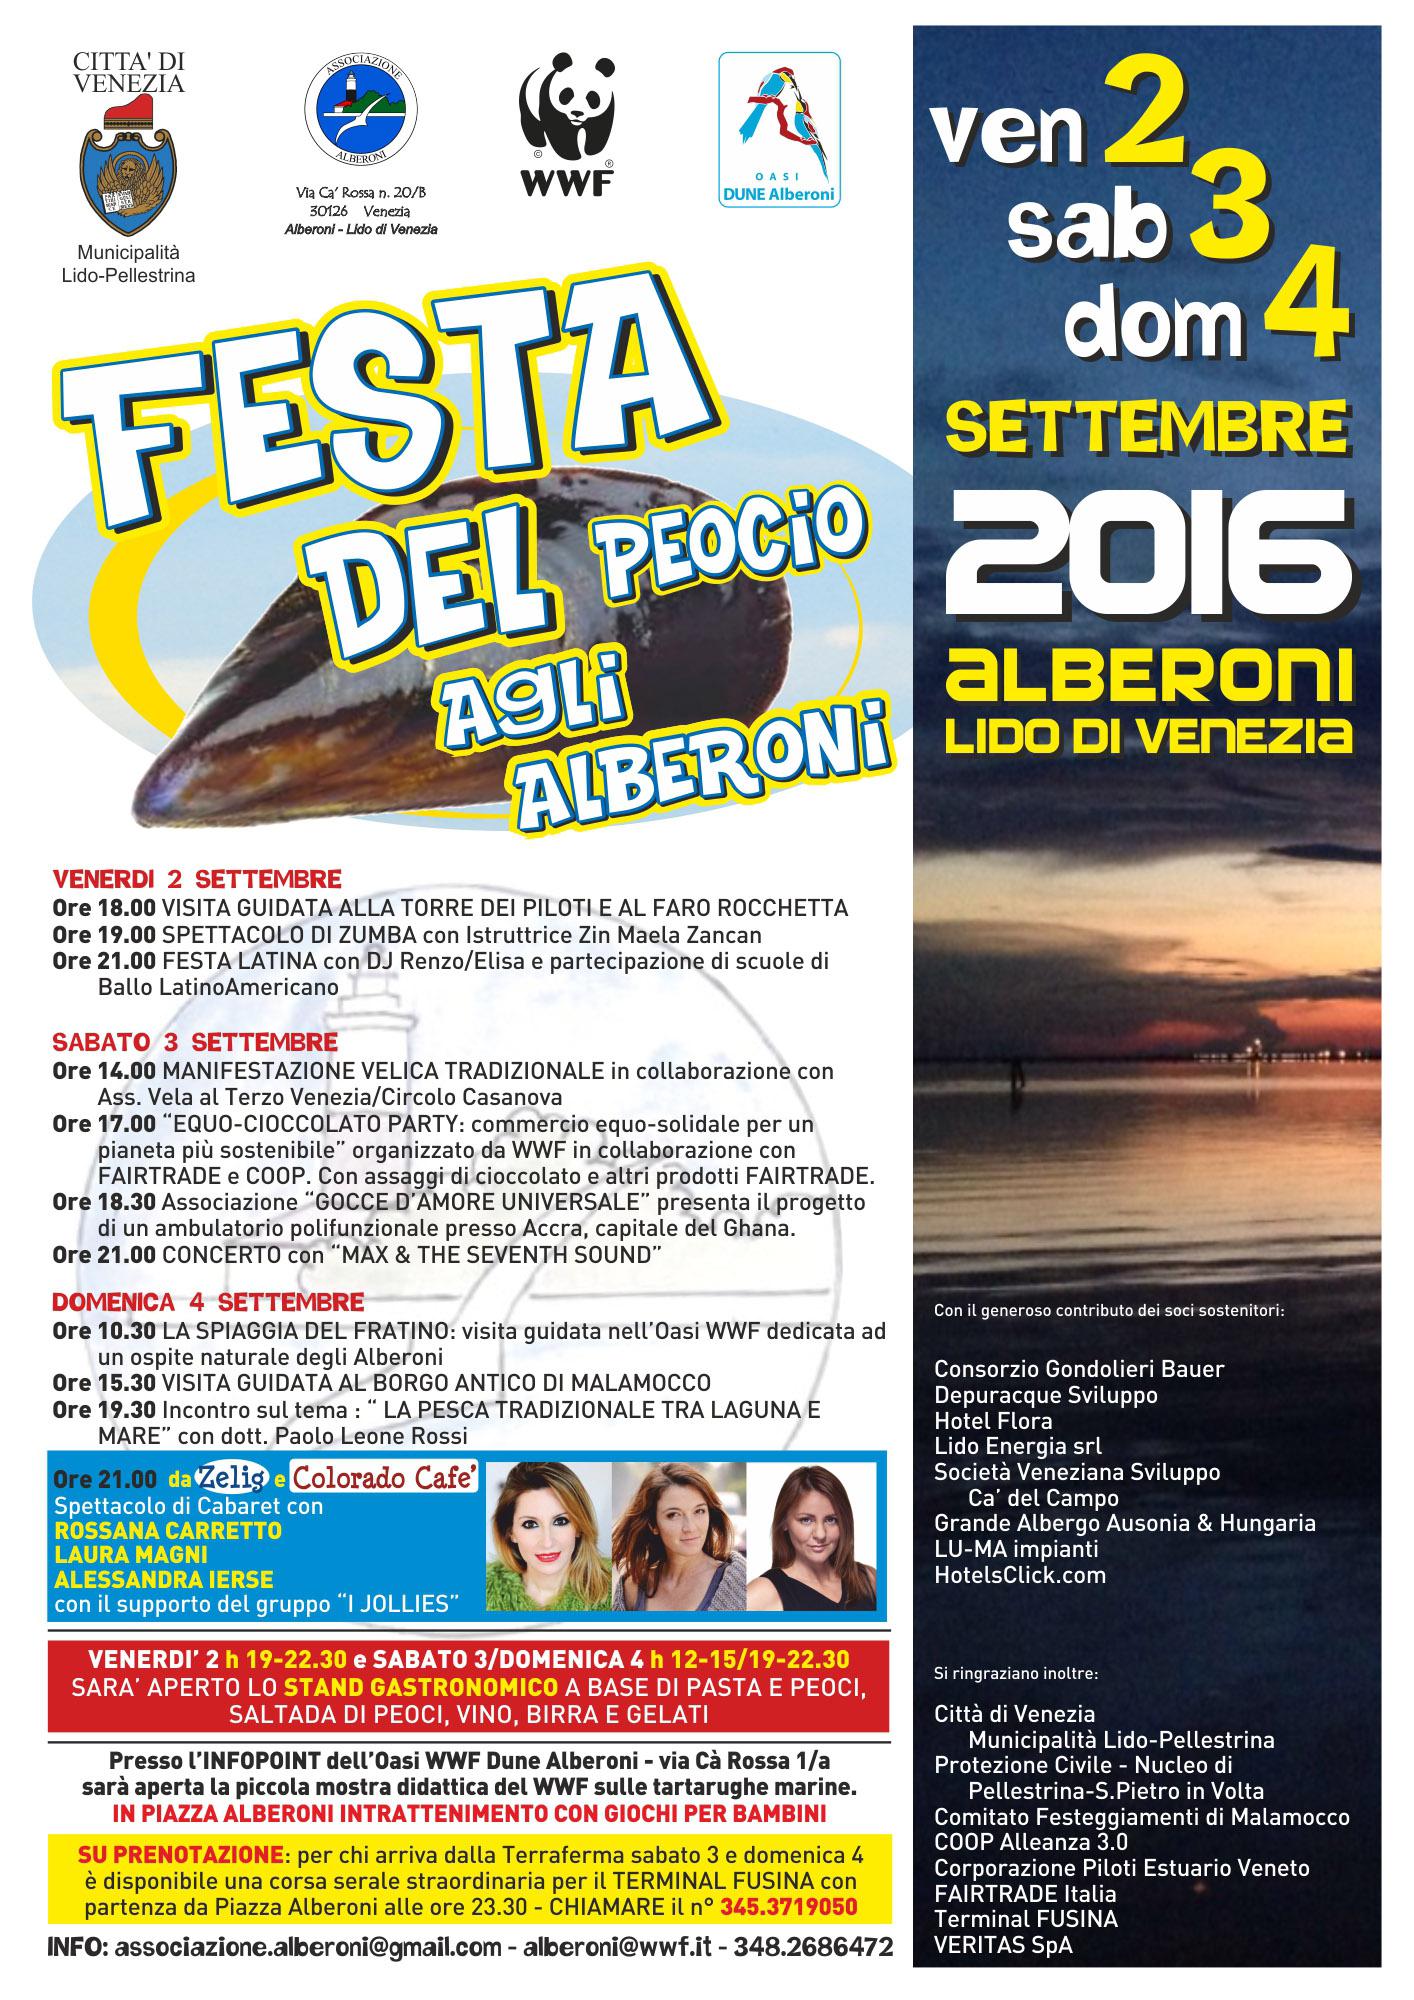 Festa del Peocio 2016